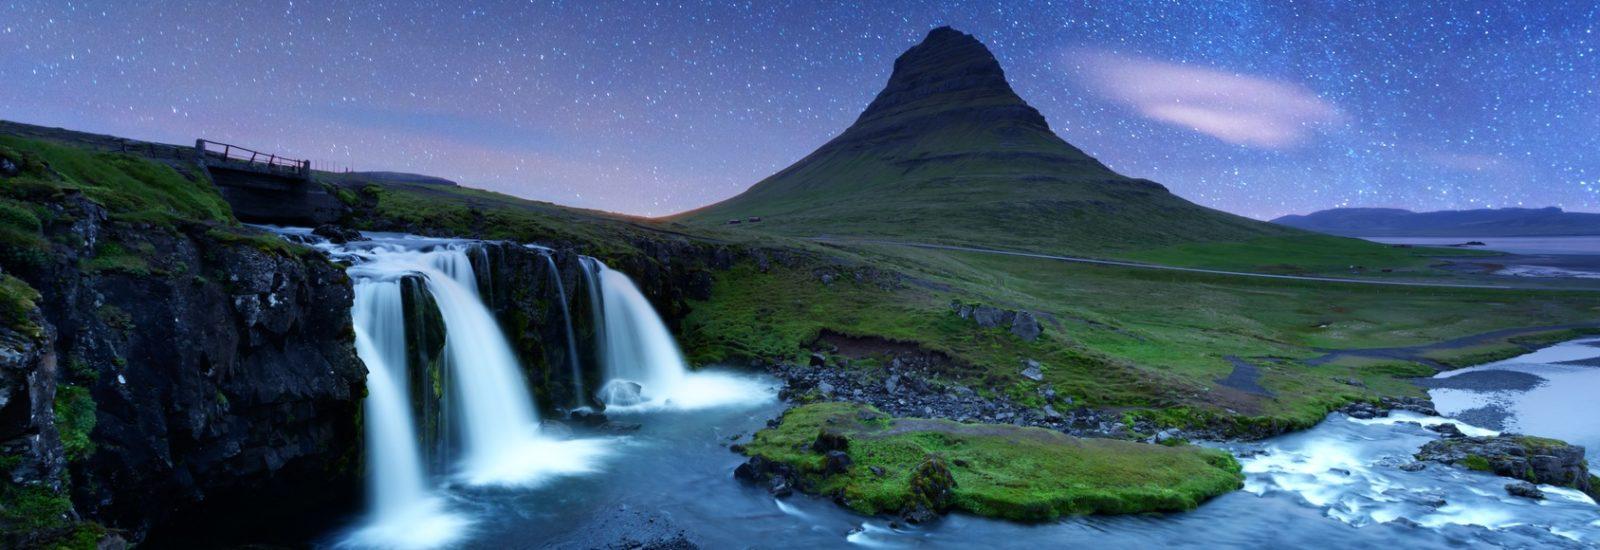 Islandia | Lipiec 2019 Biuro podróży Goforworld by Kuźniar